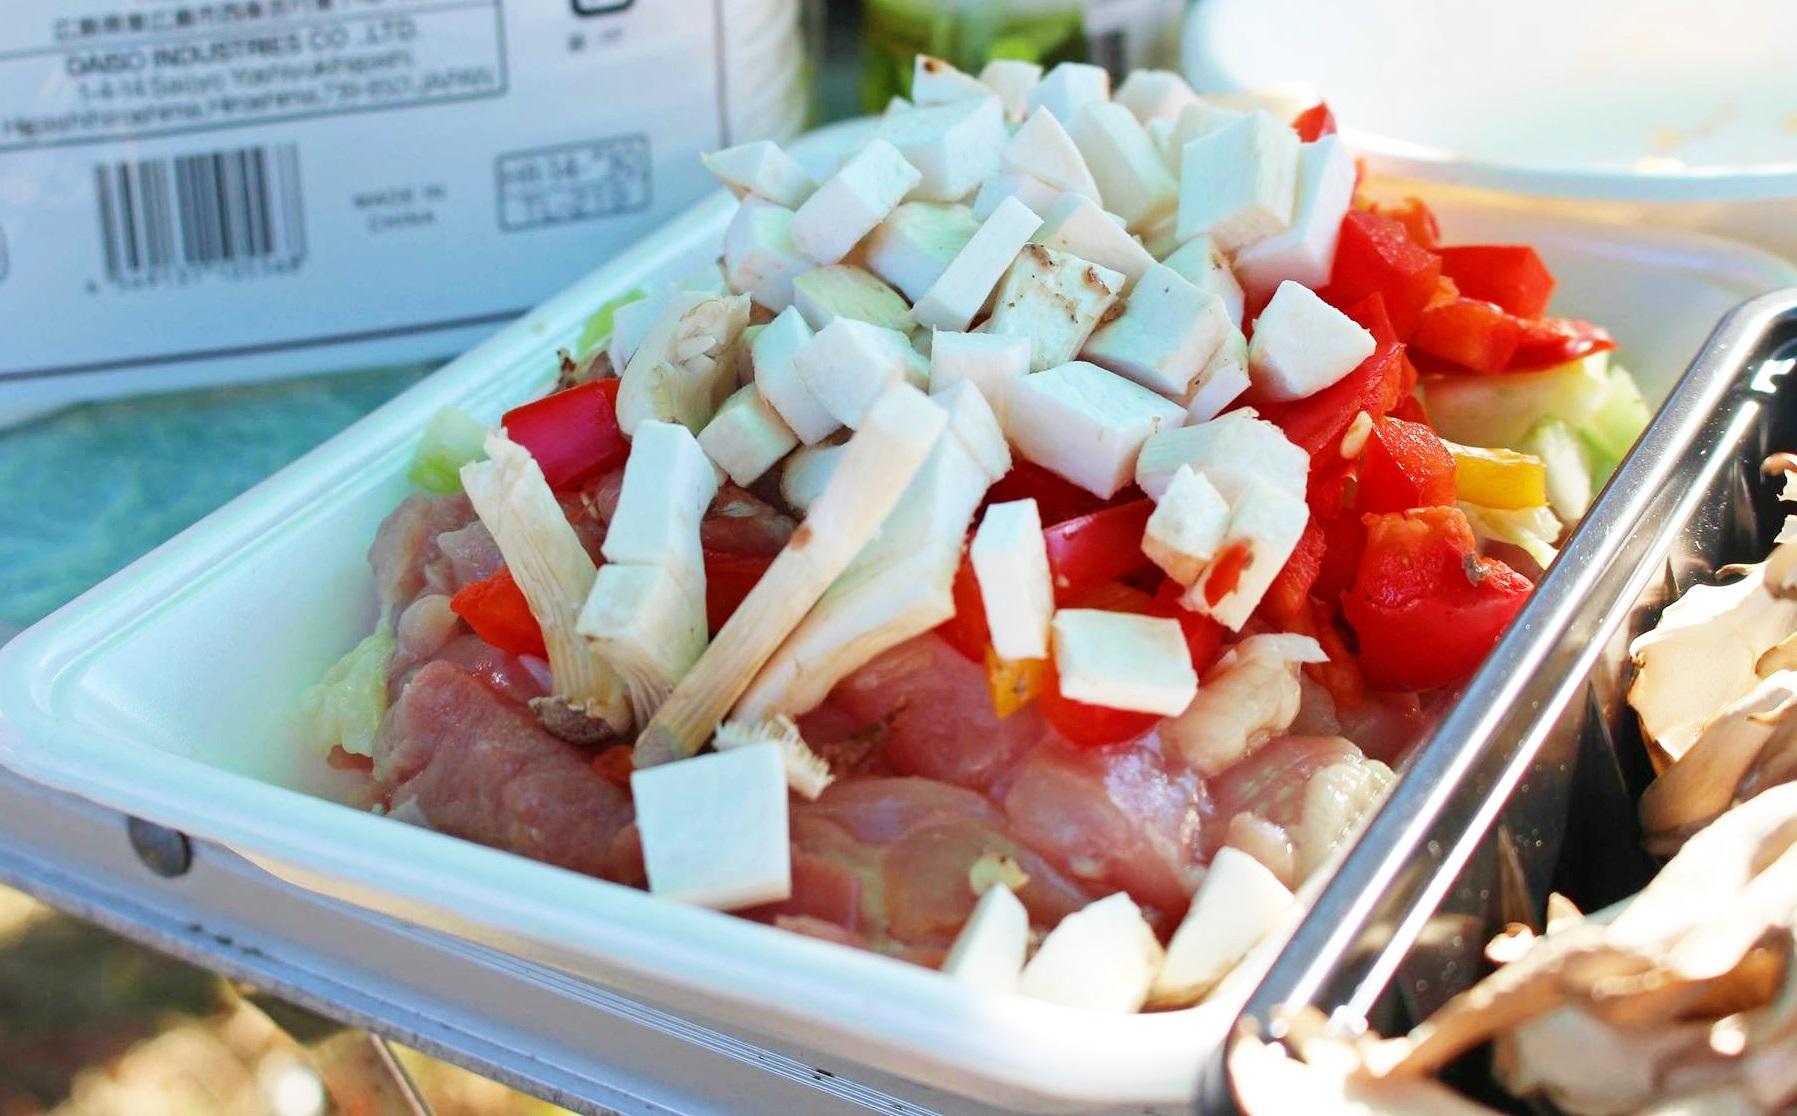 バーベキューで旬を味わう!おすすめ夏野菜6選とおいしい食べ方